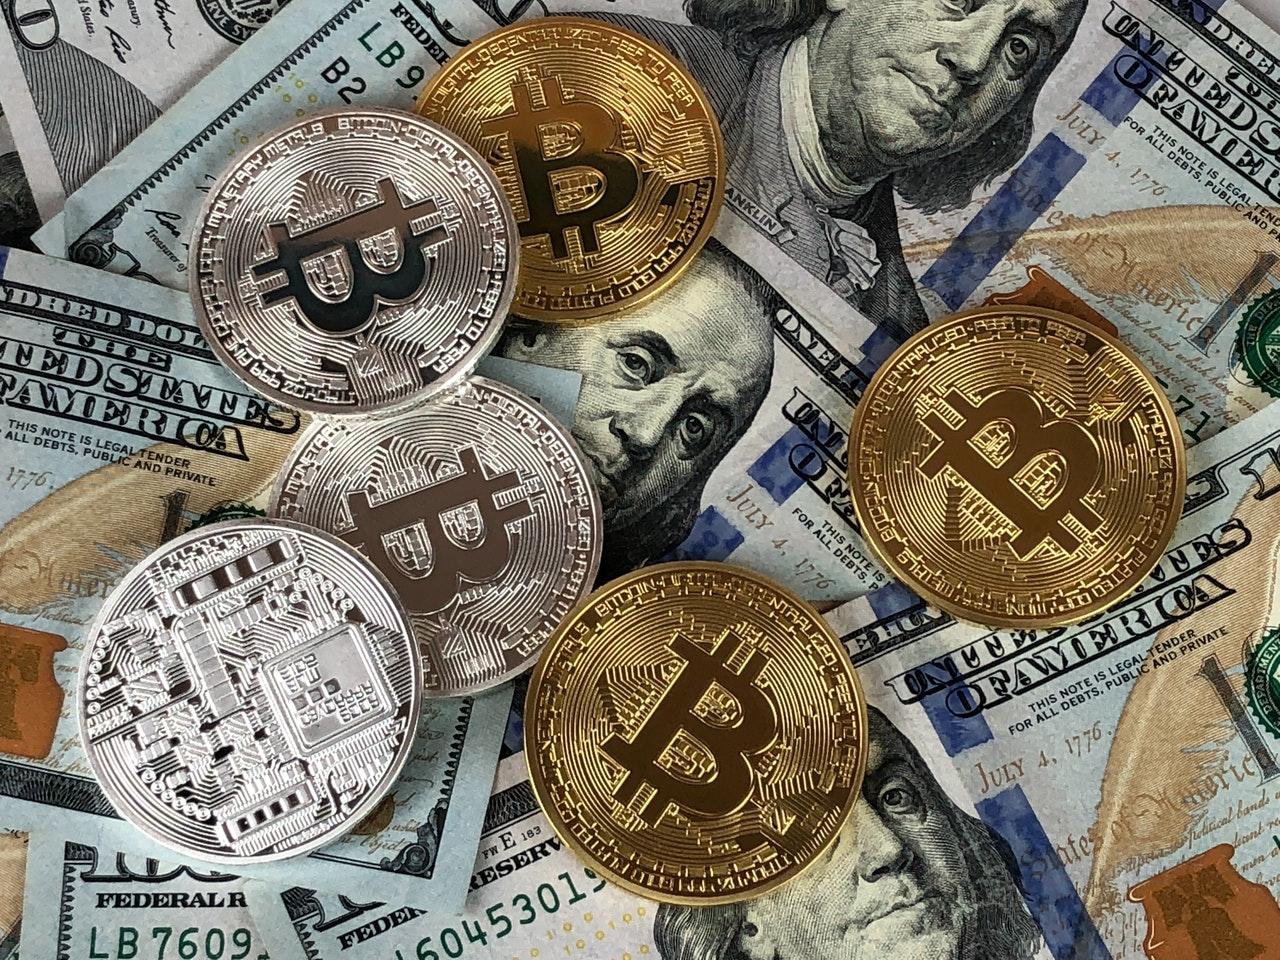 In che modo l'abbandono degli scambi di Bitcoin ha un impatto su Ethereum, Chainlink e altri alt